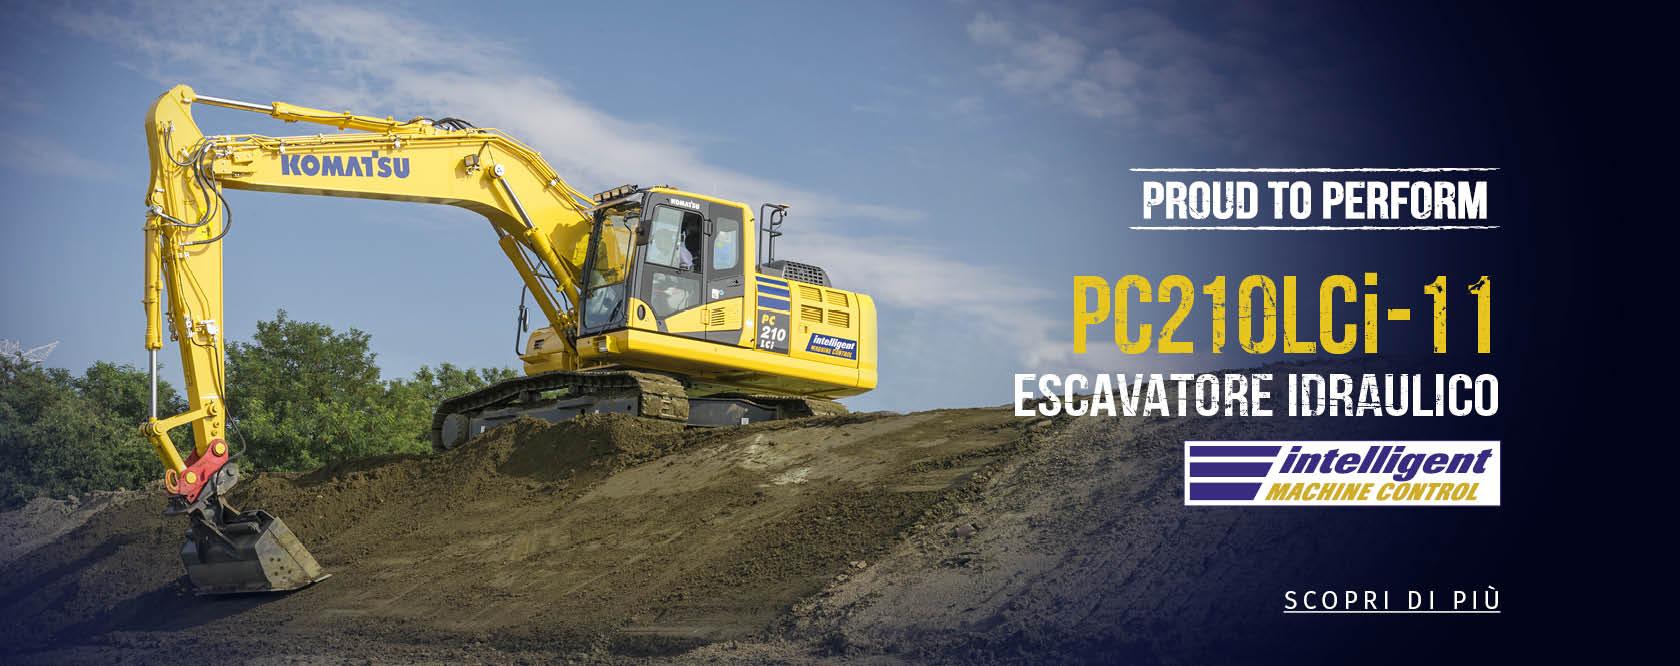 un escavatore idraulico  giallo PC210LCi - 11